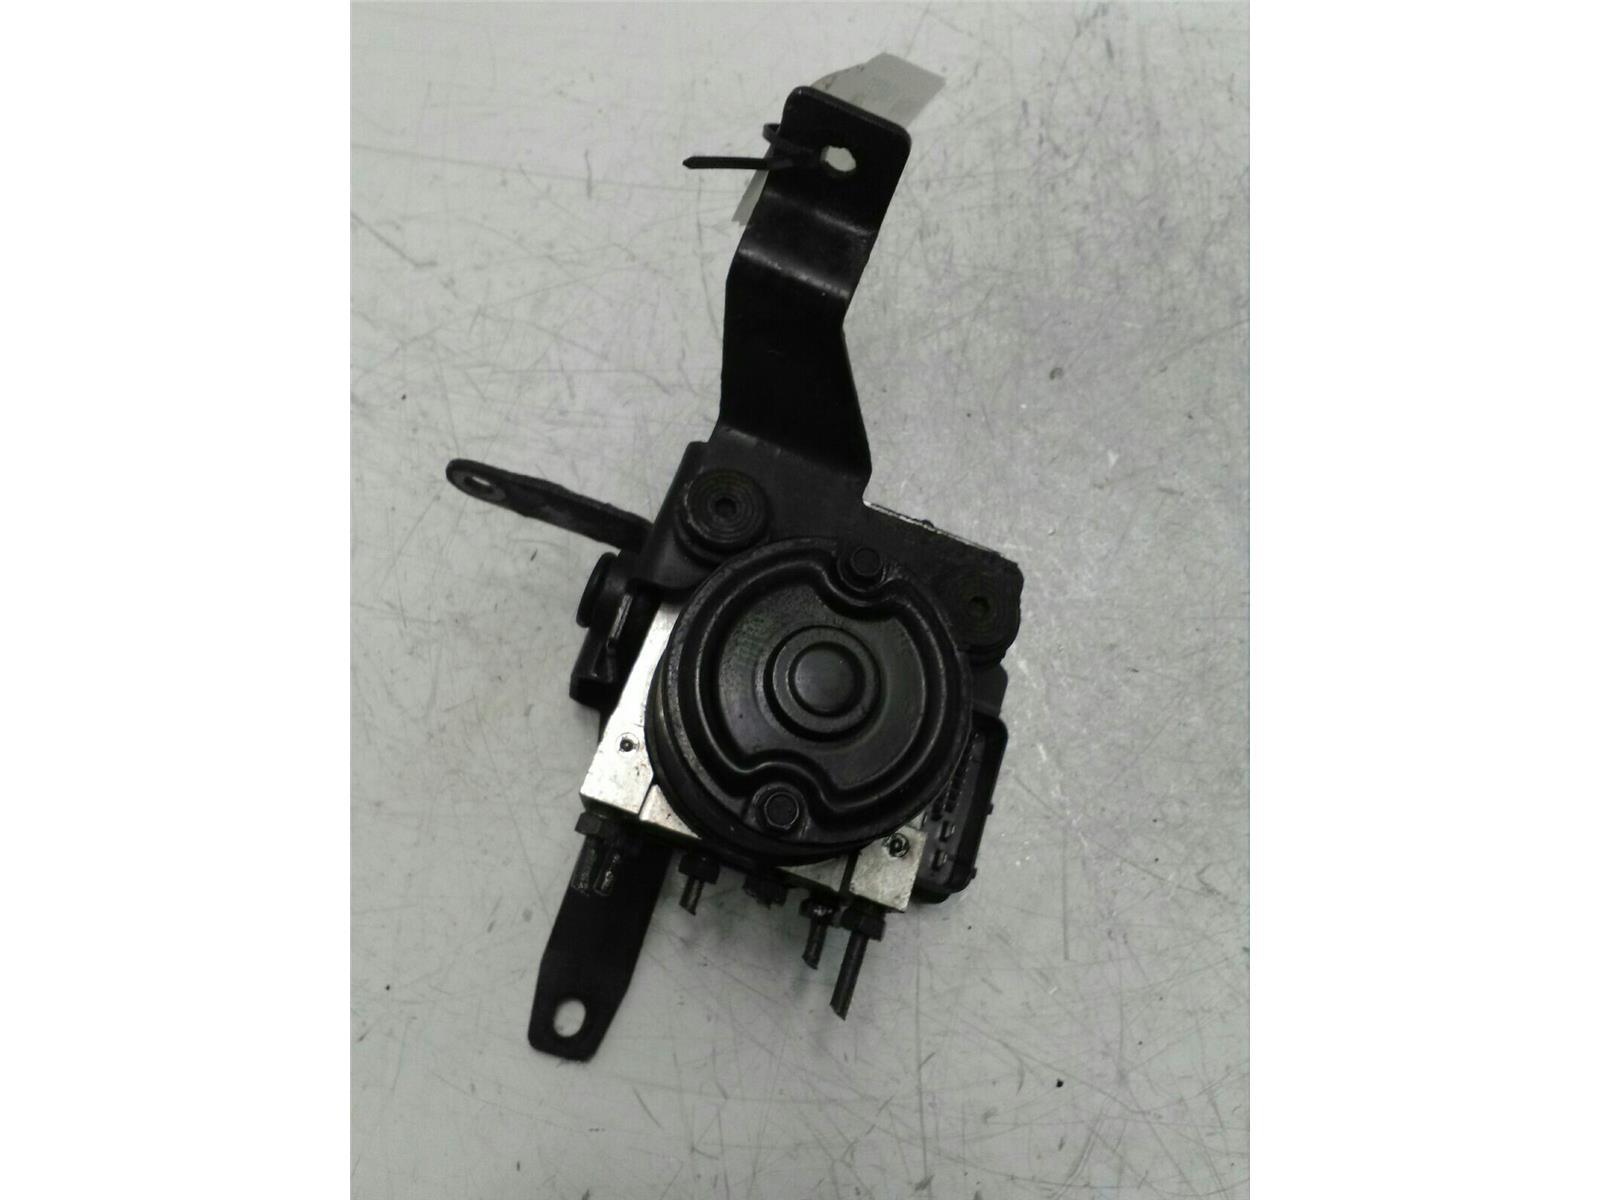 Hyundai Tucson 2004 To 2008 ABS Pump (Diesel / Manual) for